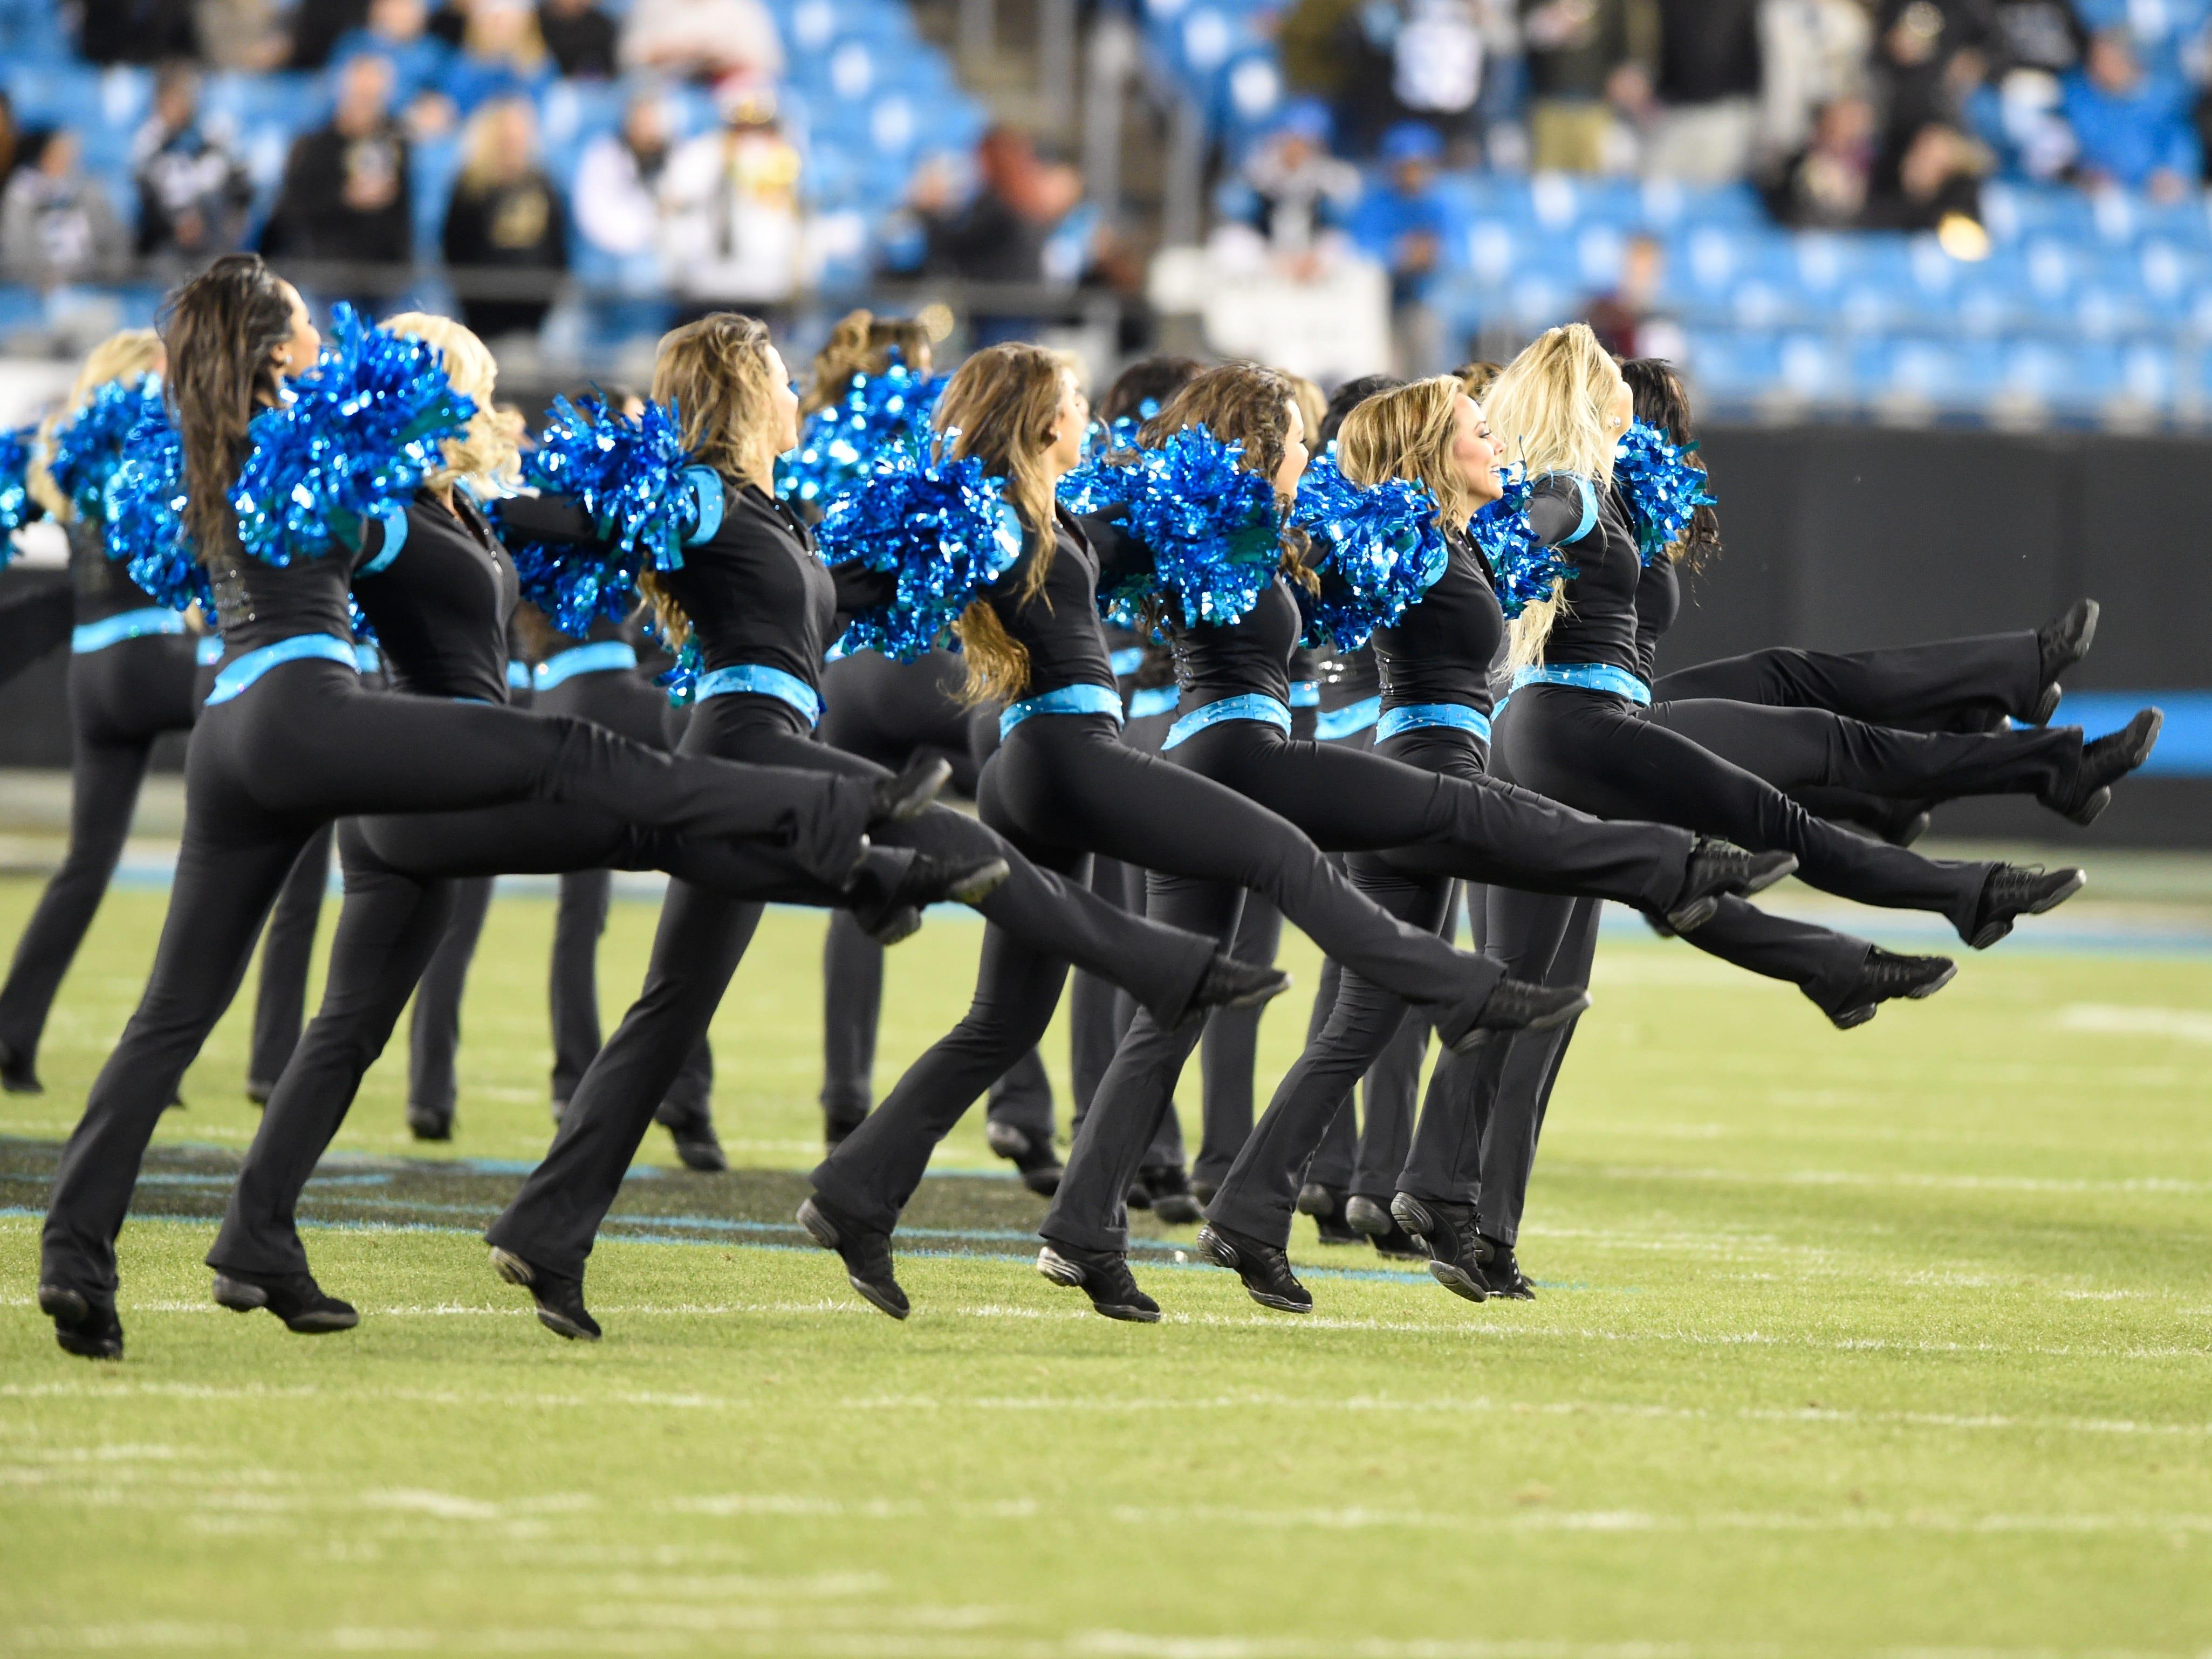 Week 15: Carolina Panthers